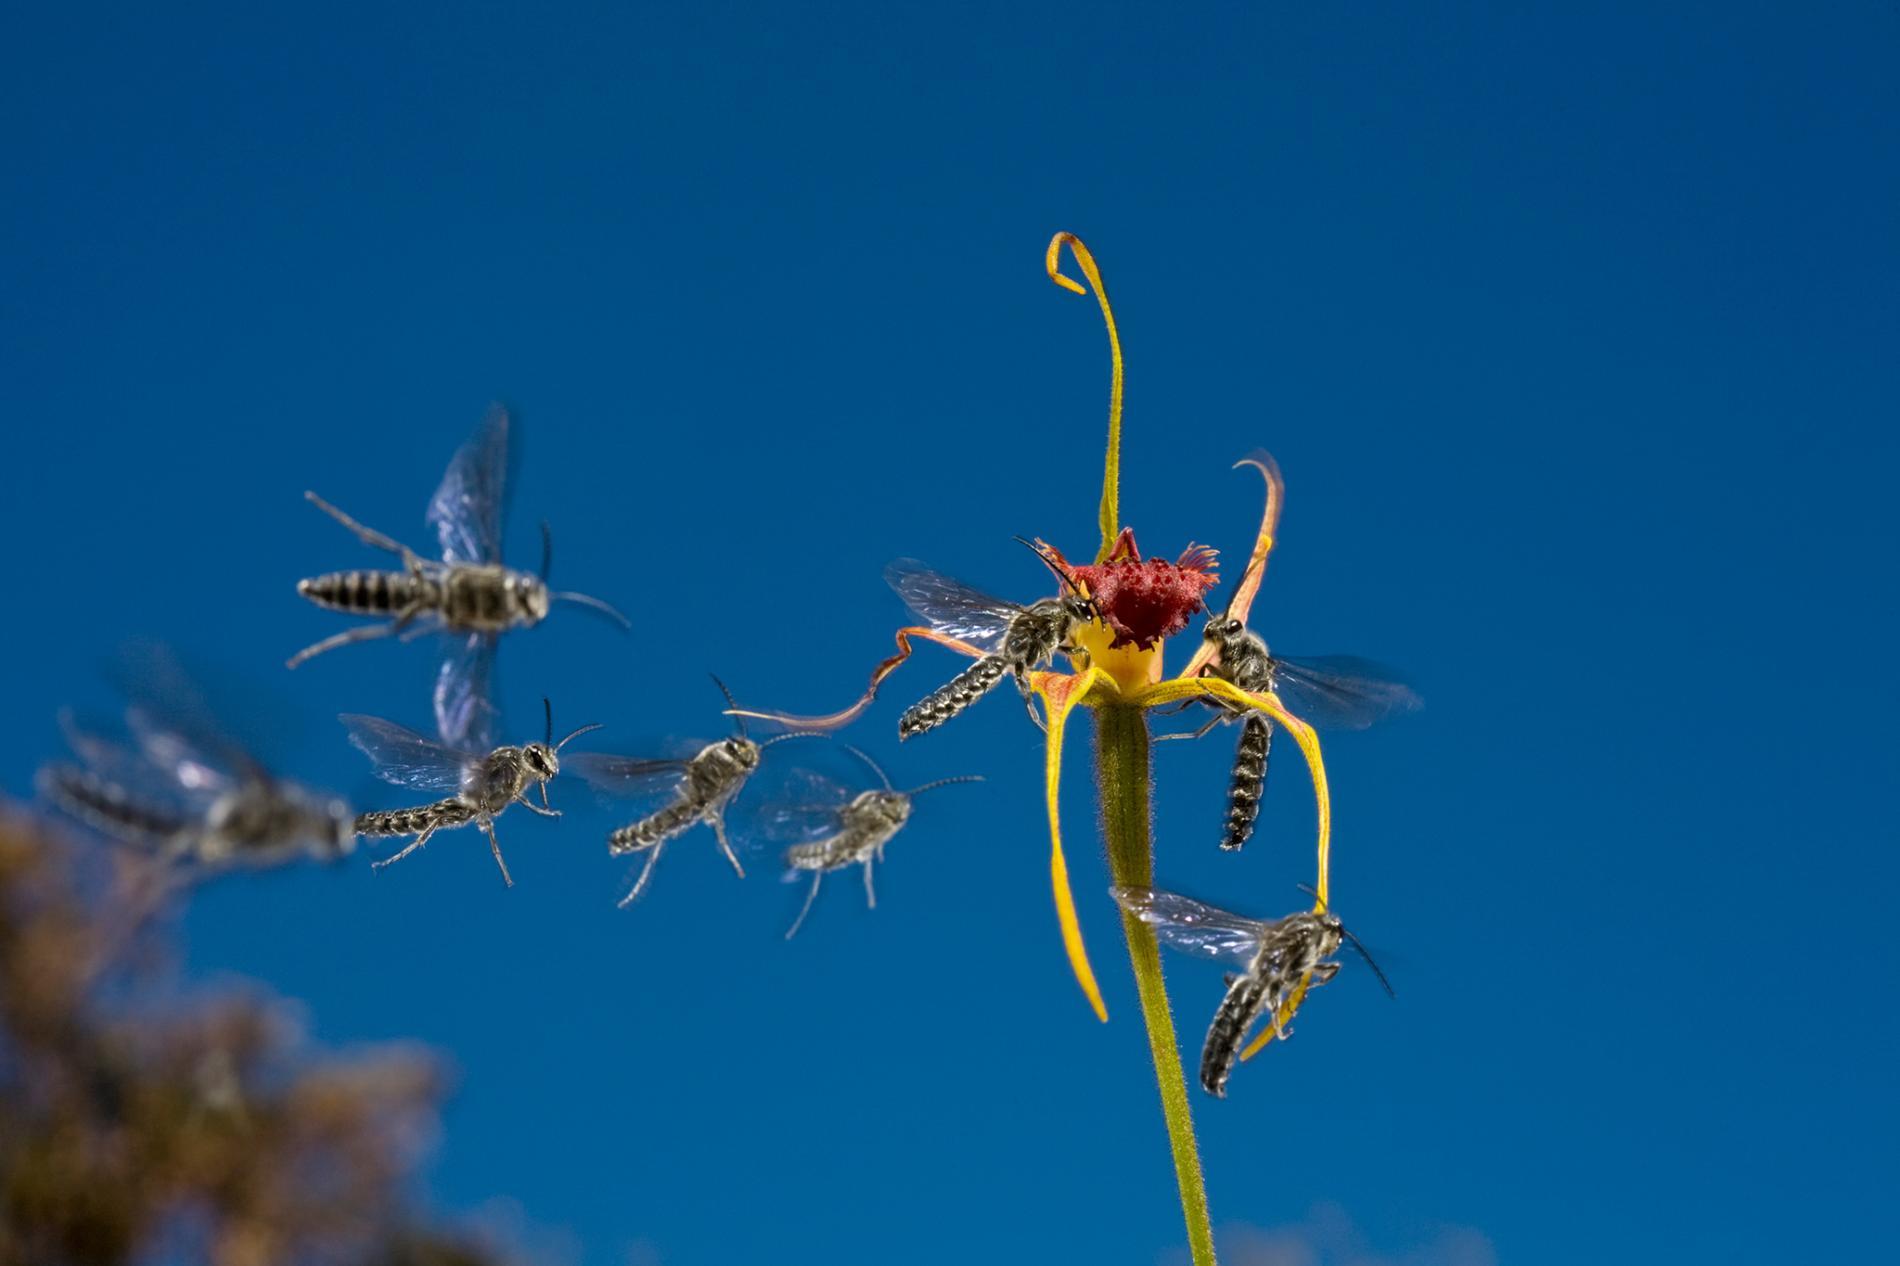 裂緣蘭變異花瓣